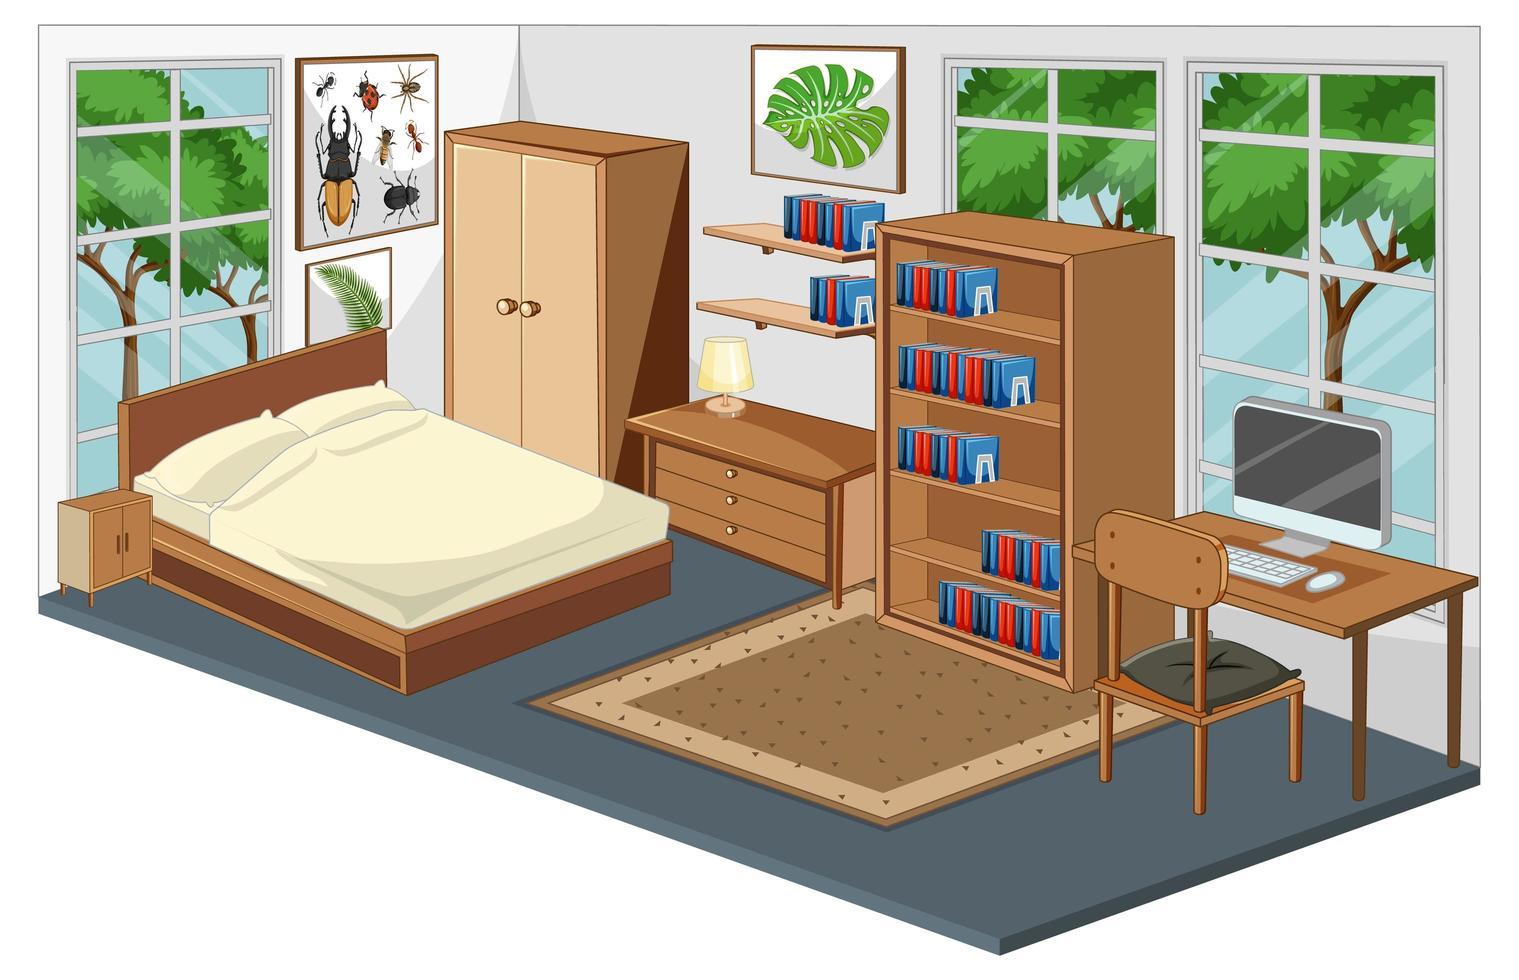 Schlafzimmer Interieur mit Möbeln in modernem Stil vektor